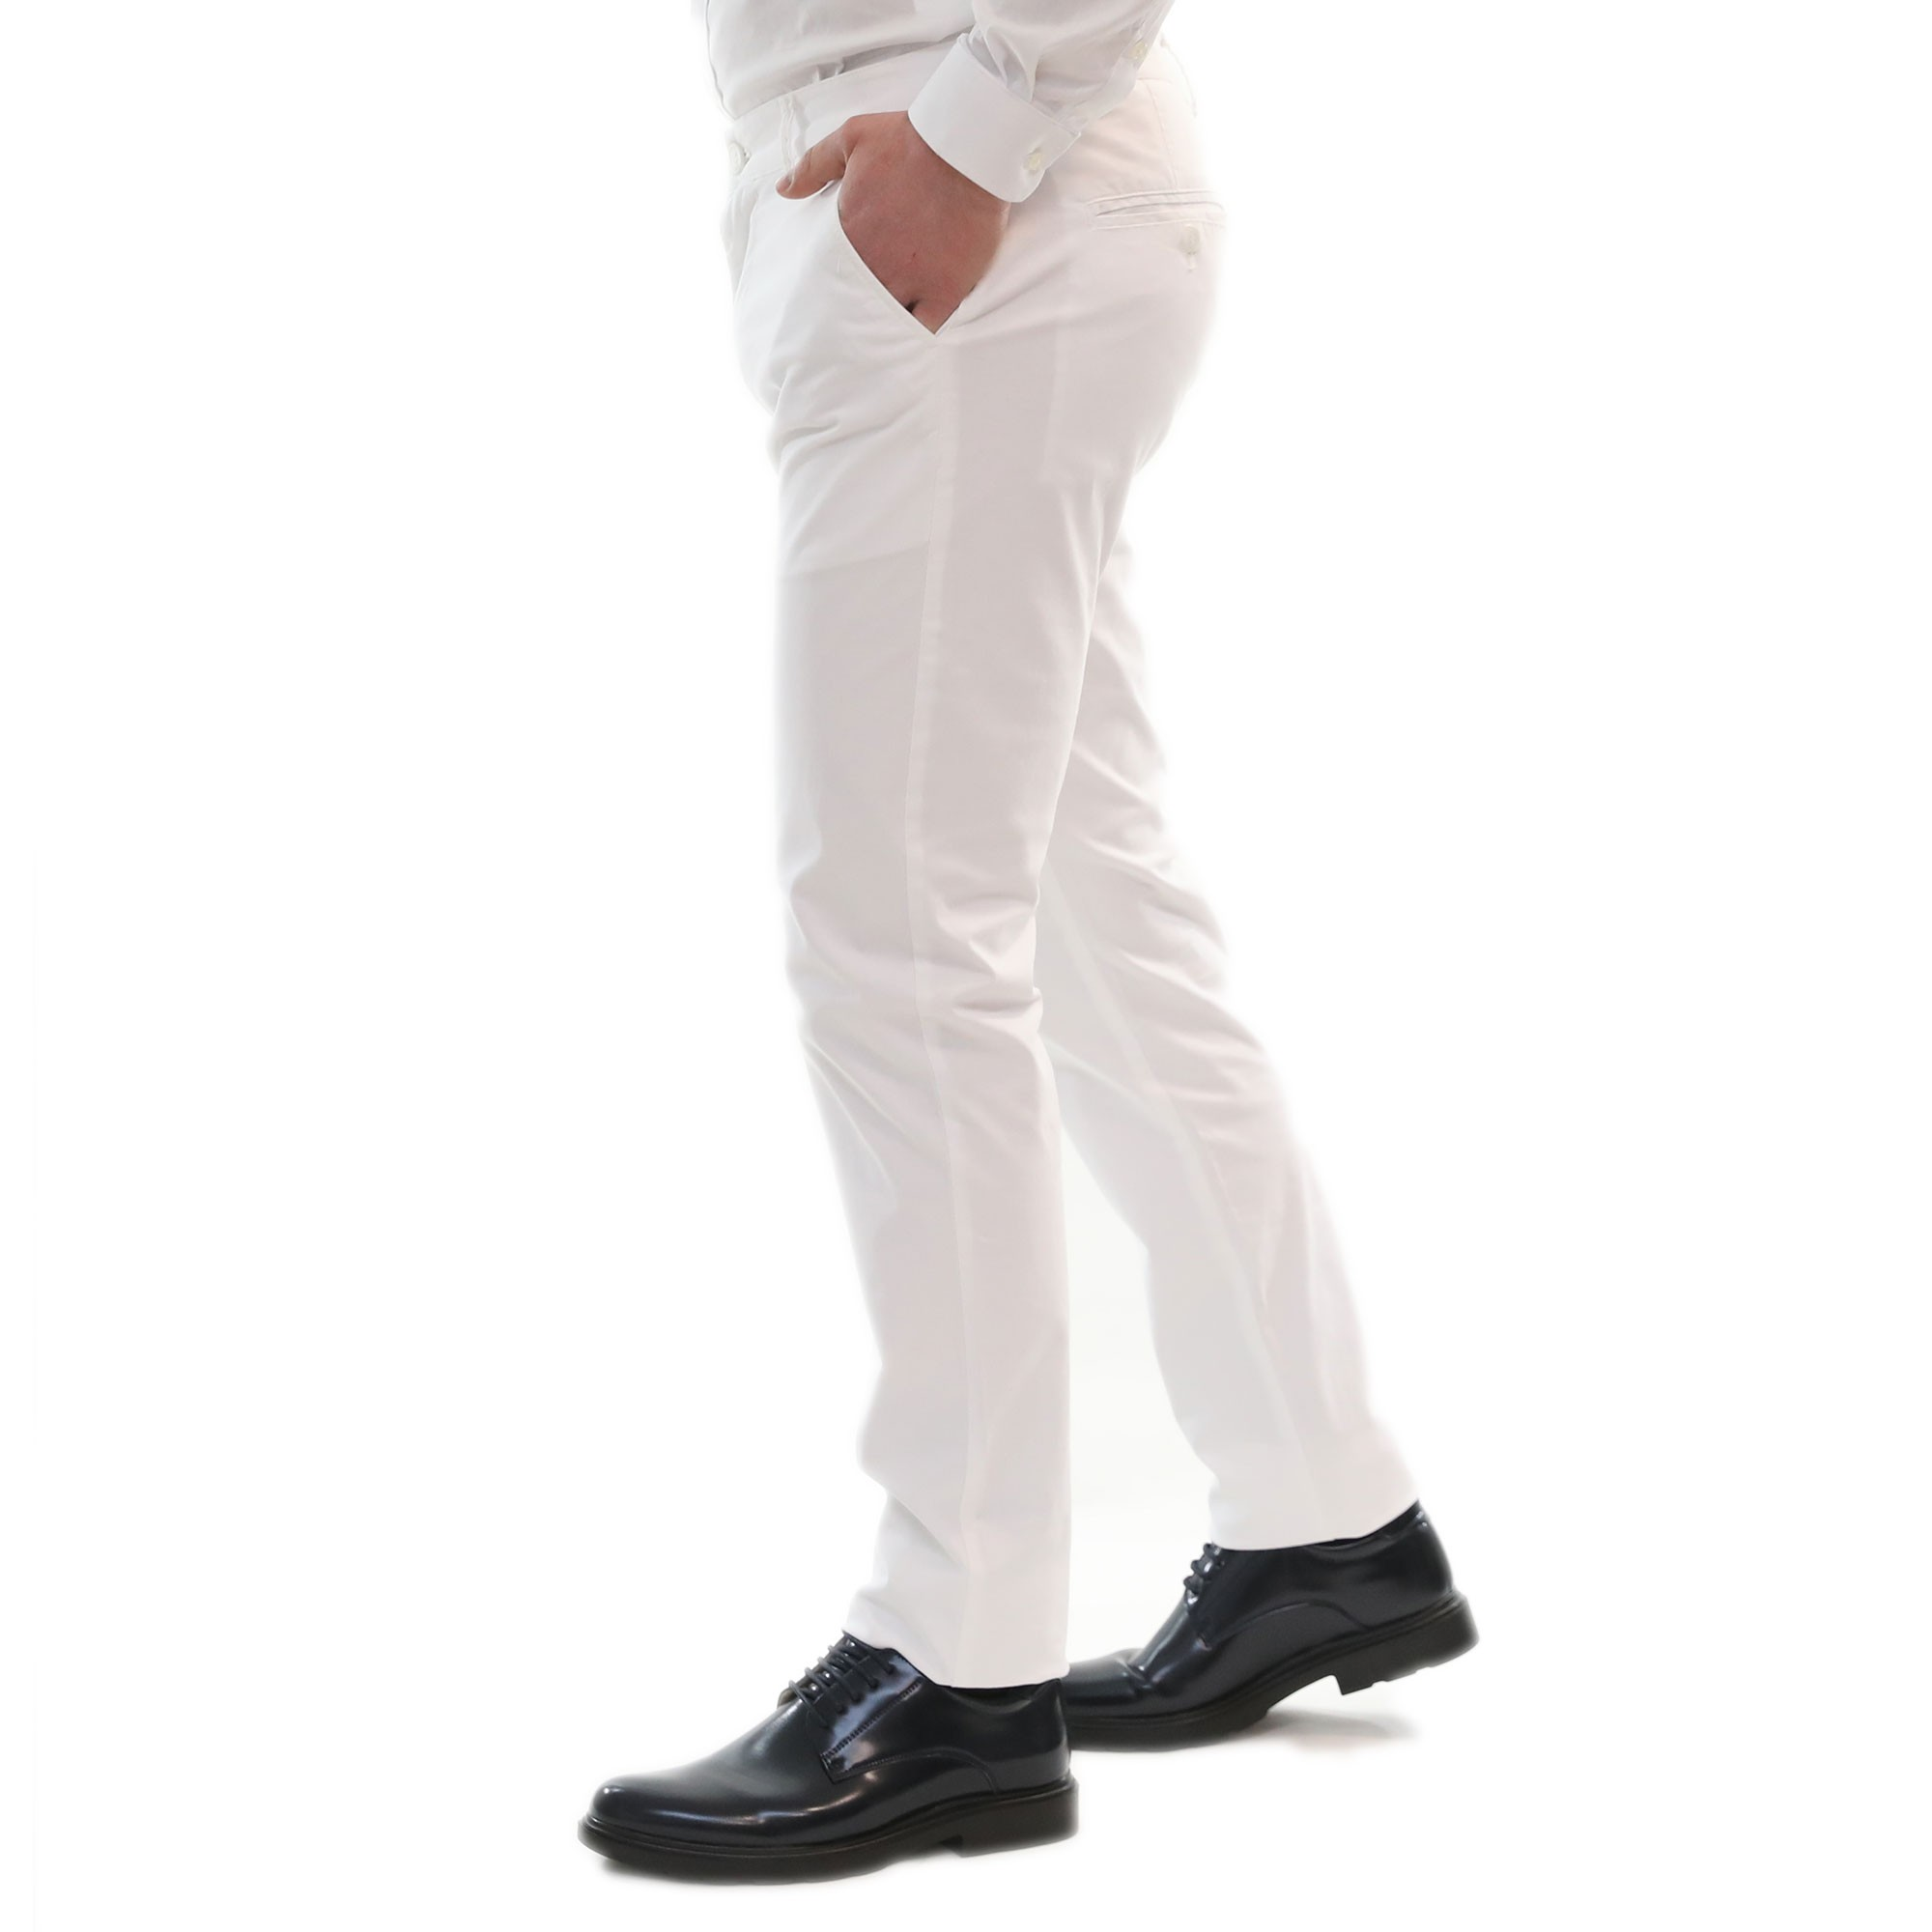 Pantaloni-Uomo-Estivi-Cotone-Chino-Slim-Fit-Elegante-Tasche-America miniatura 15